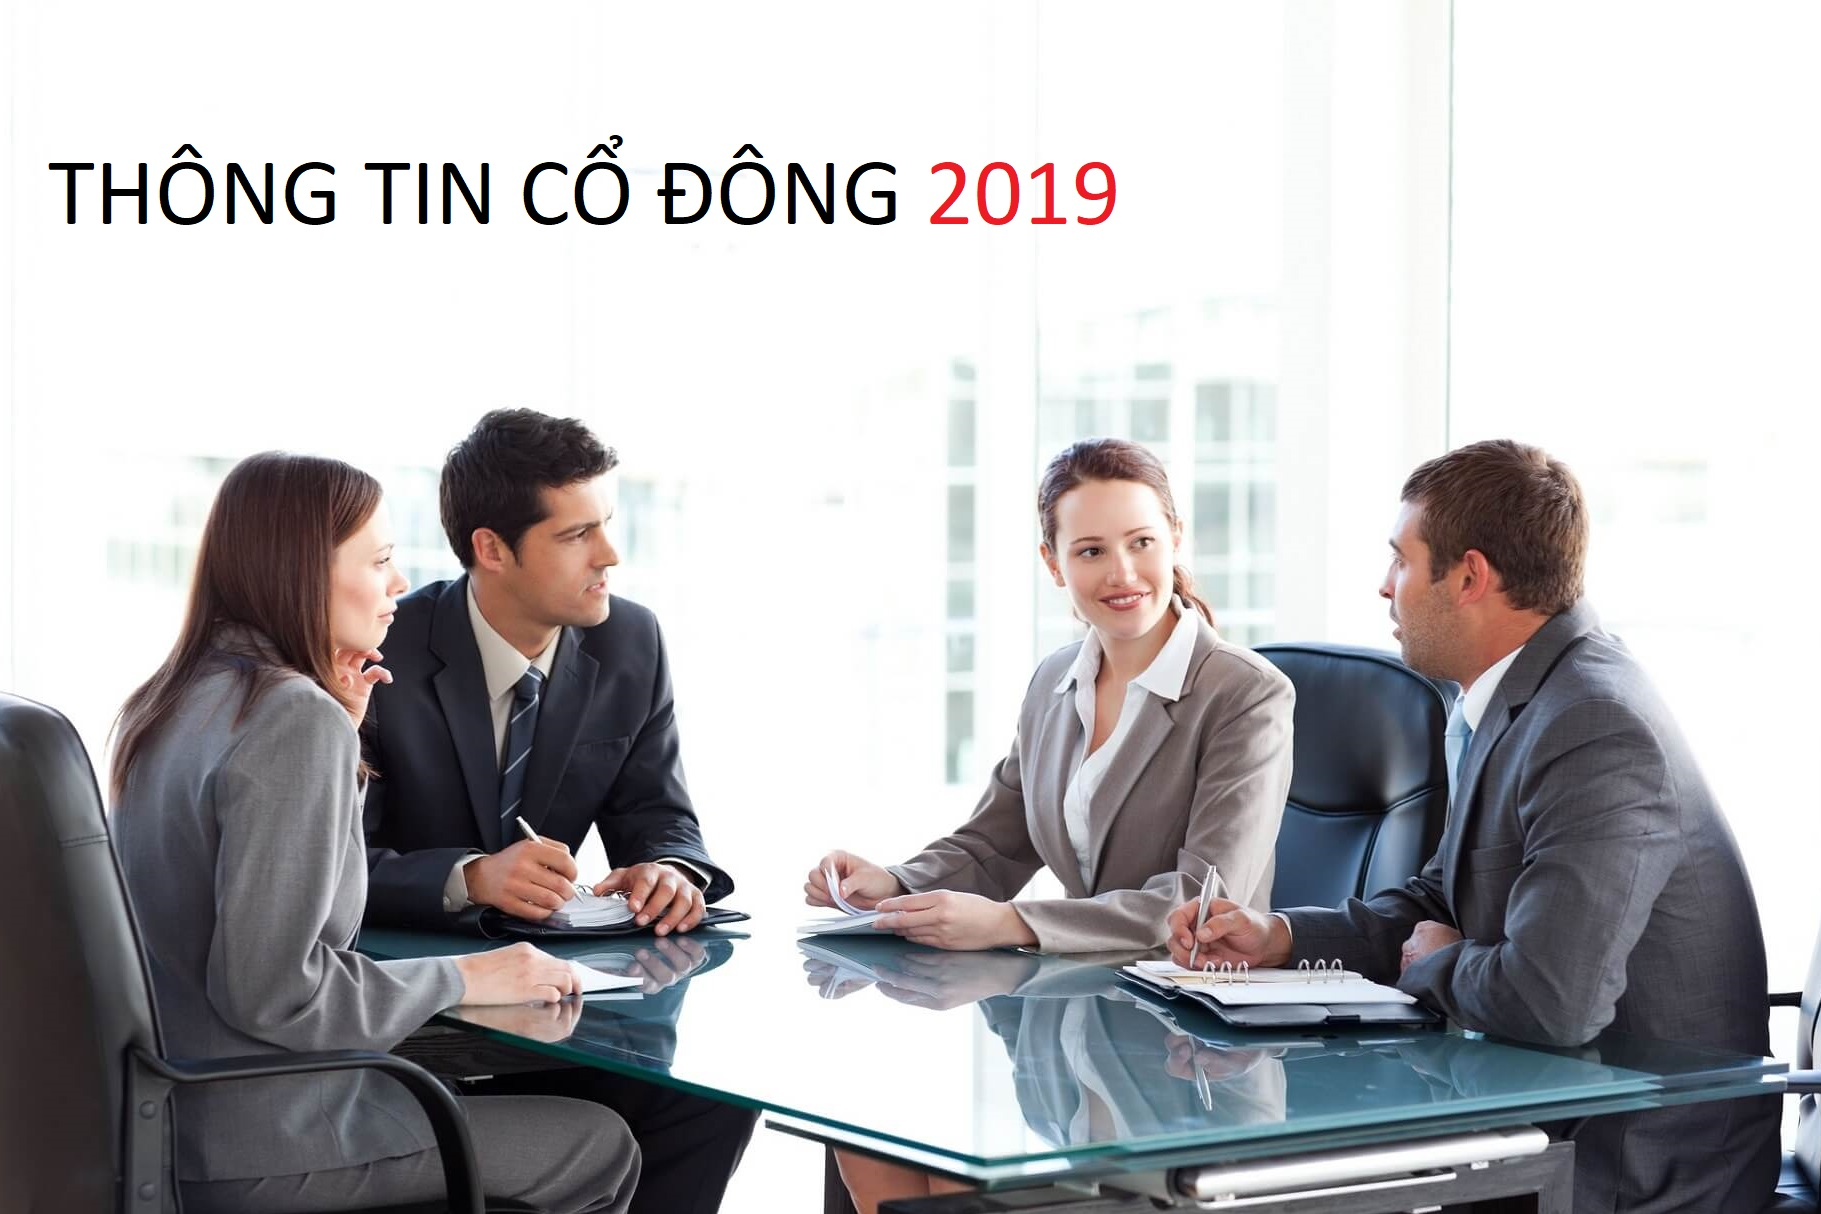 Shareholders Information 2019